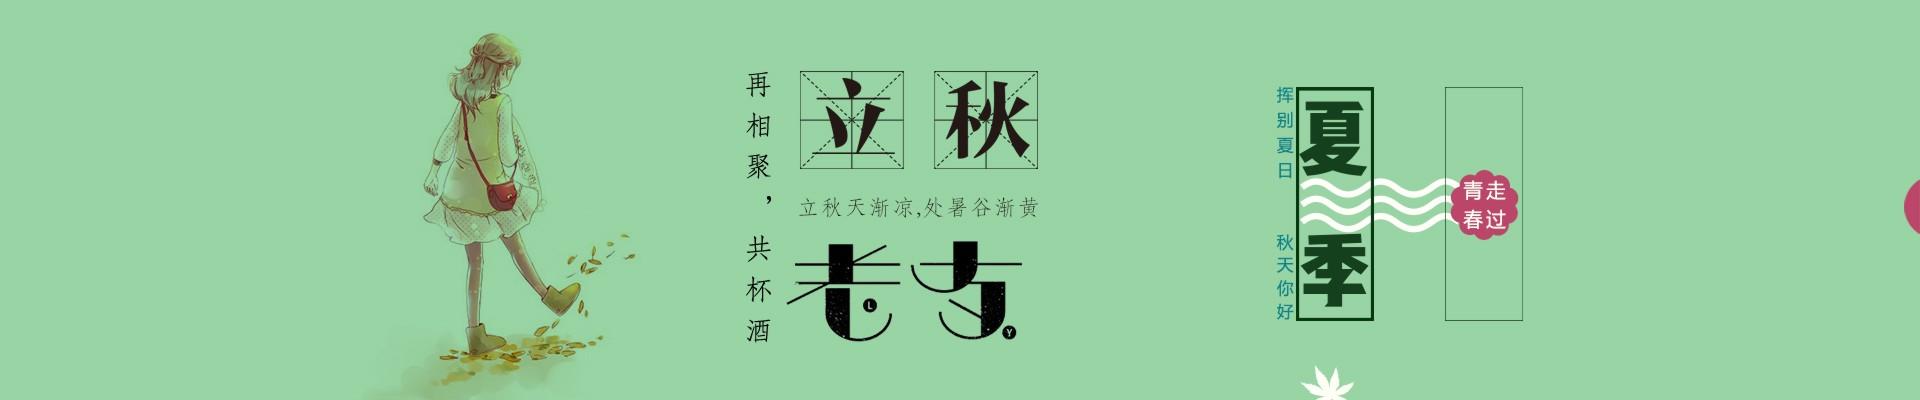 成都画册设计公司-百铂文化